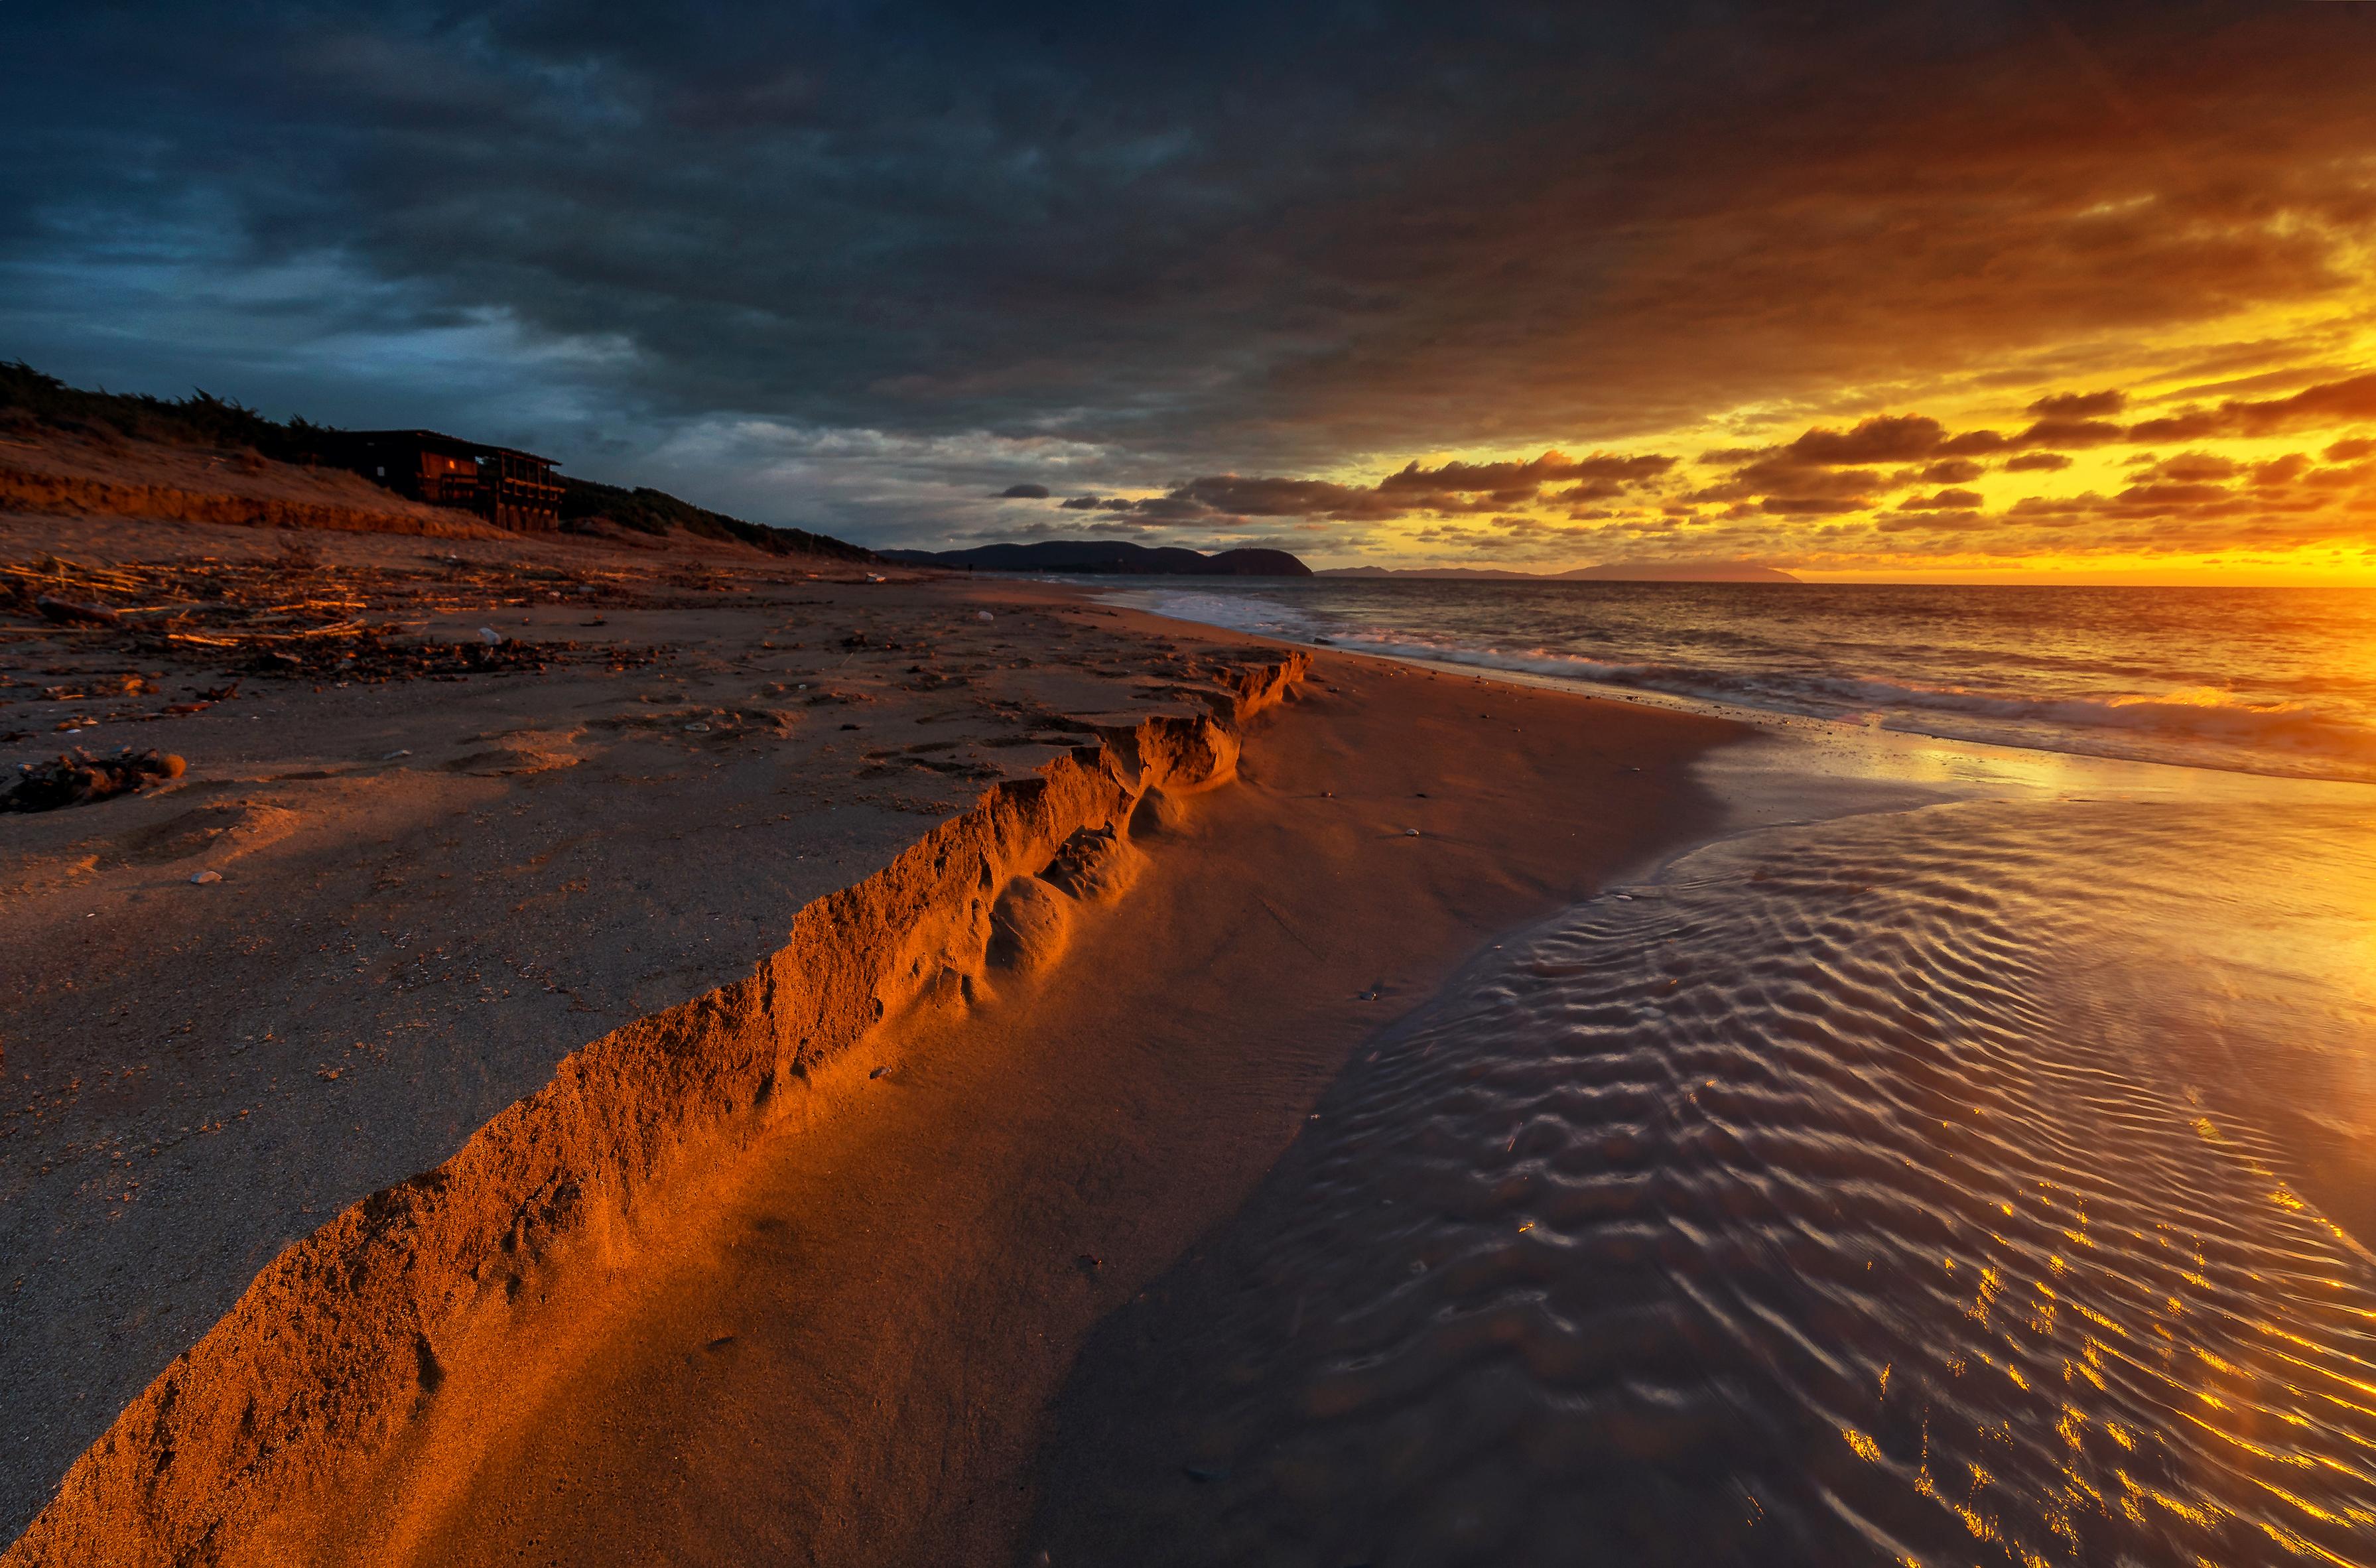 картинка заката с песком место